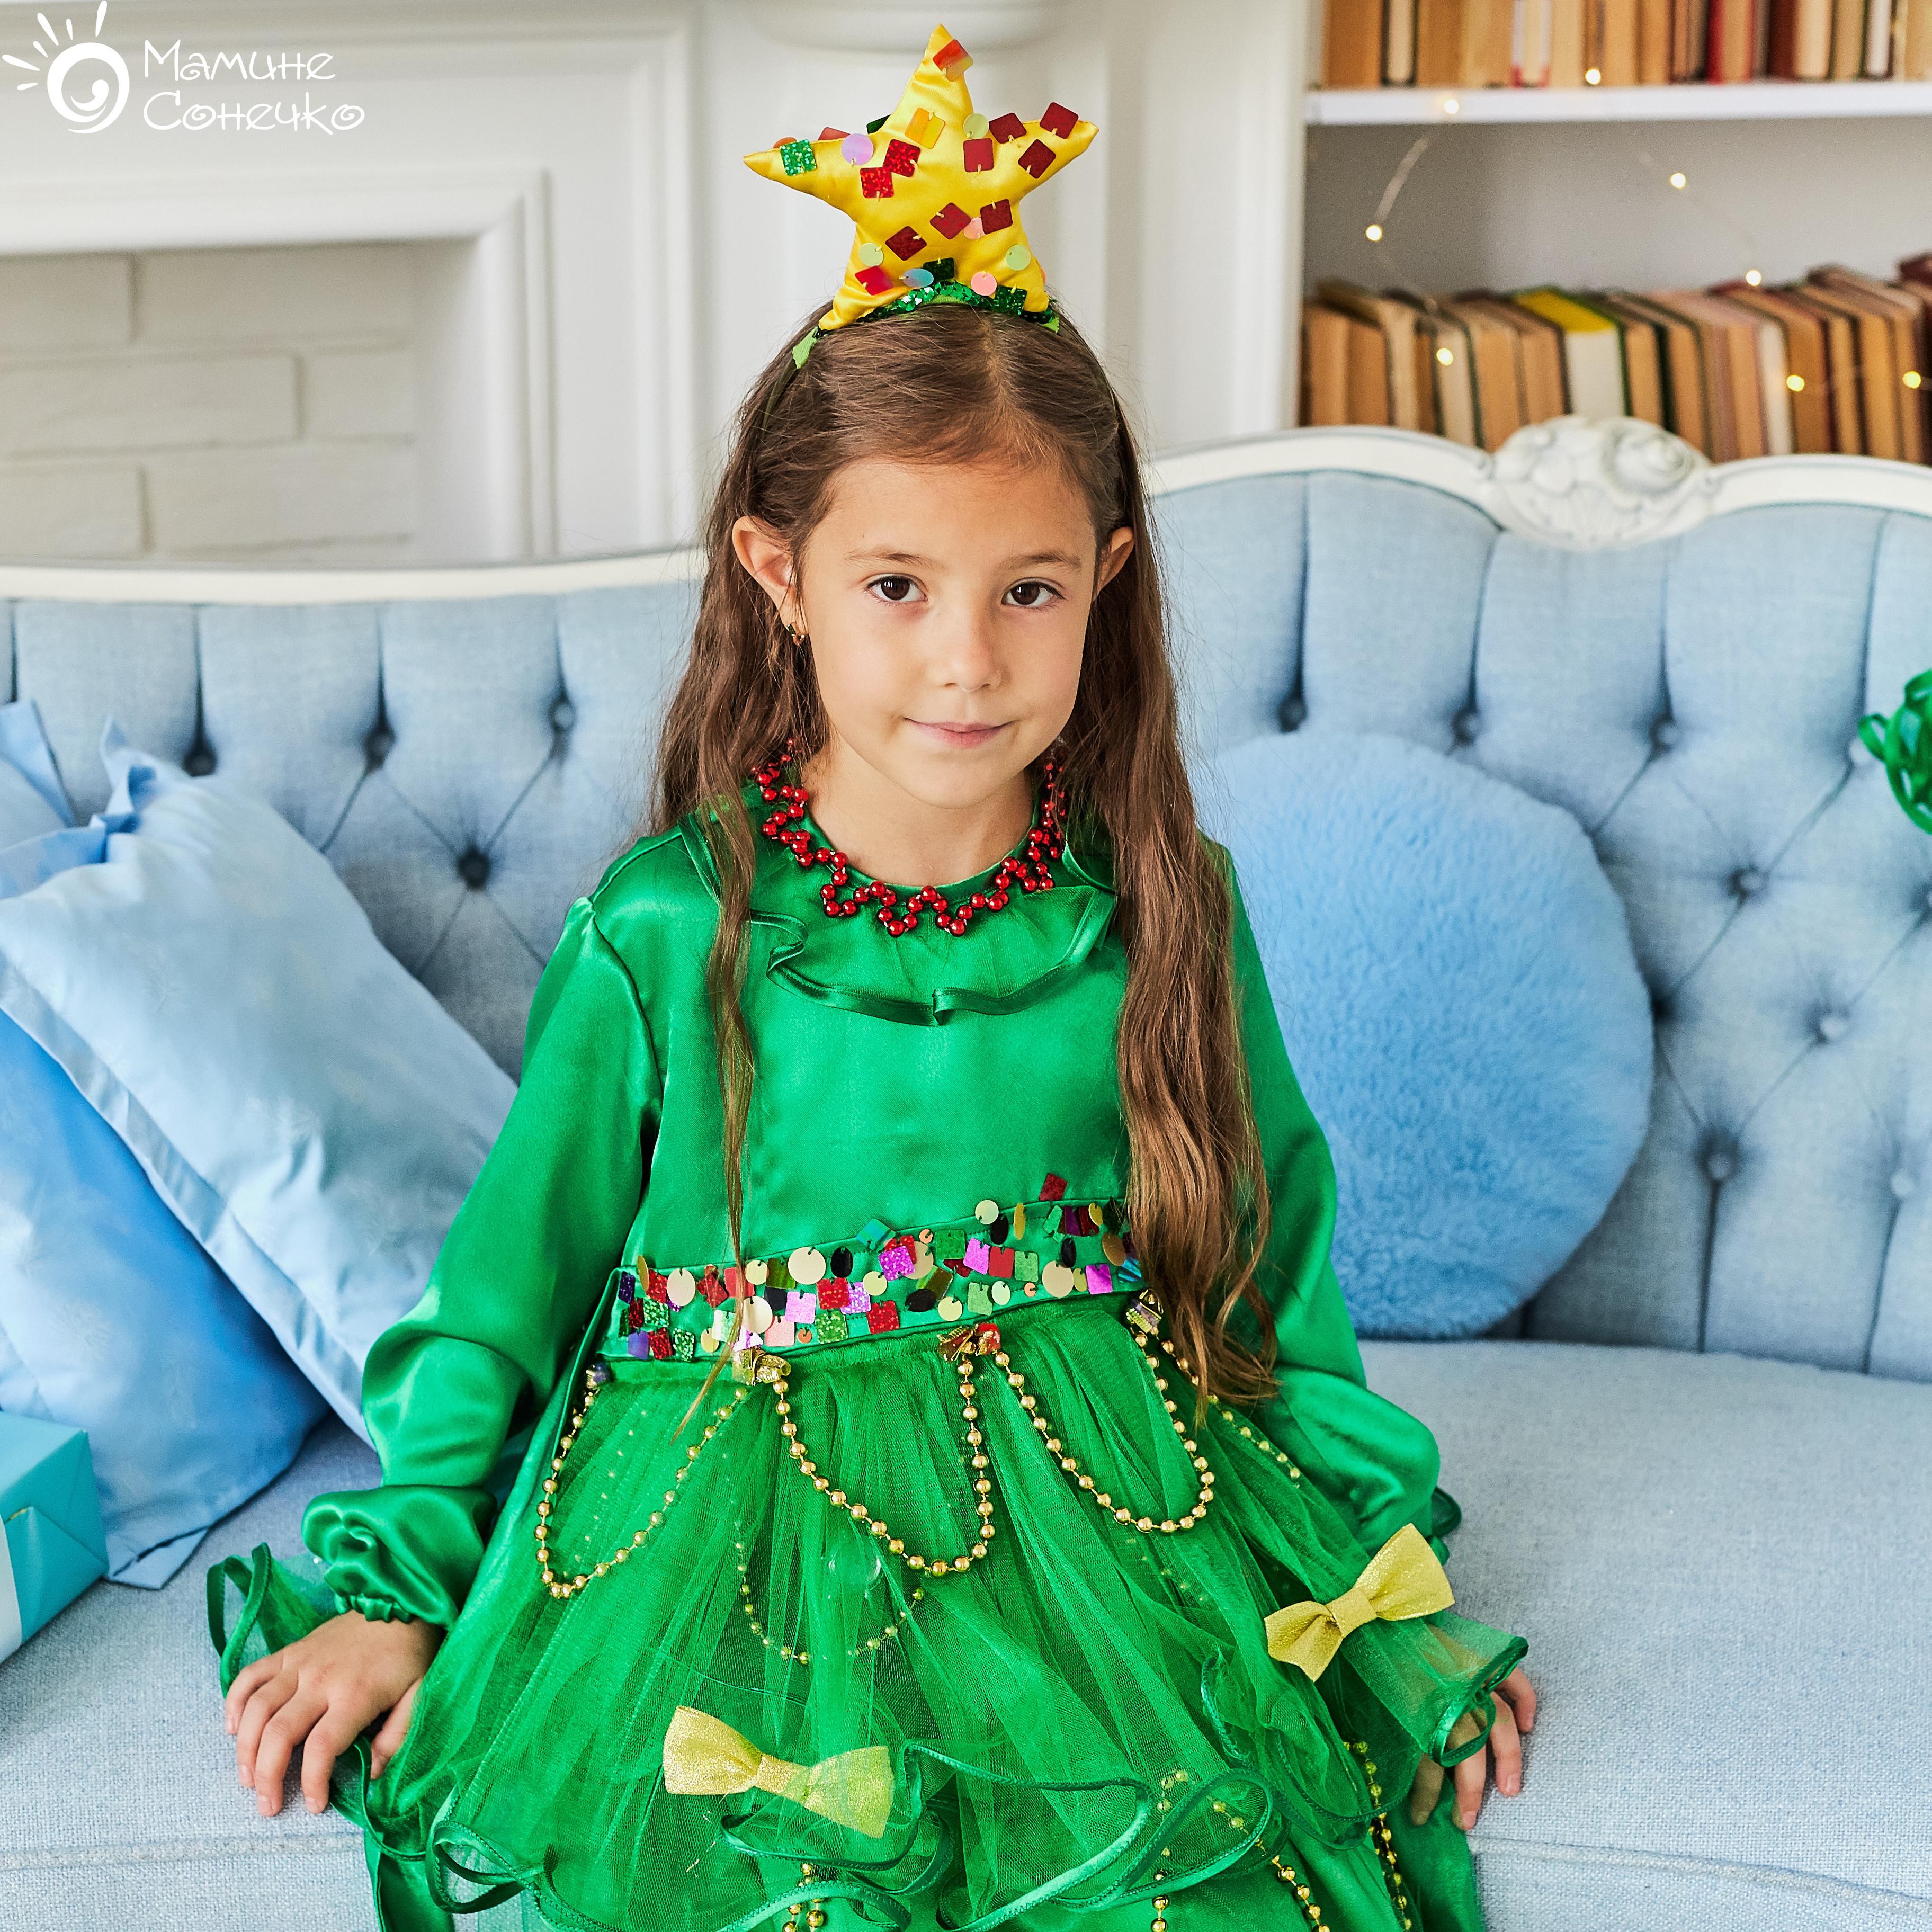 kostium-yalynochka-velyka-1